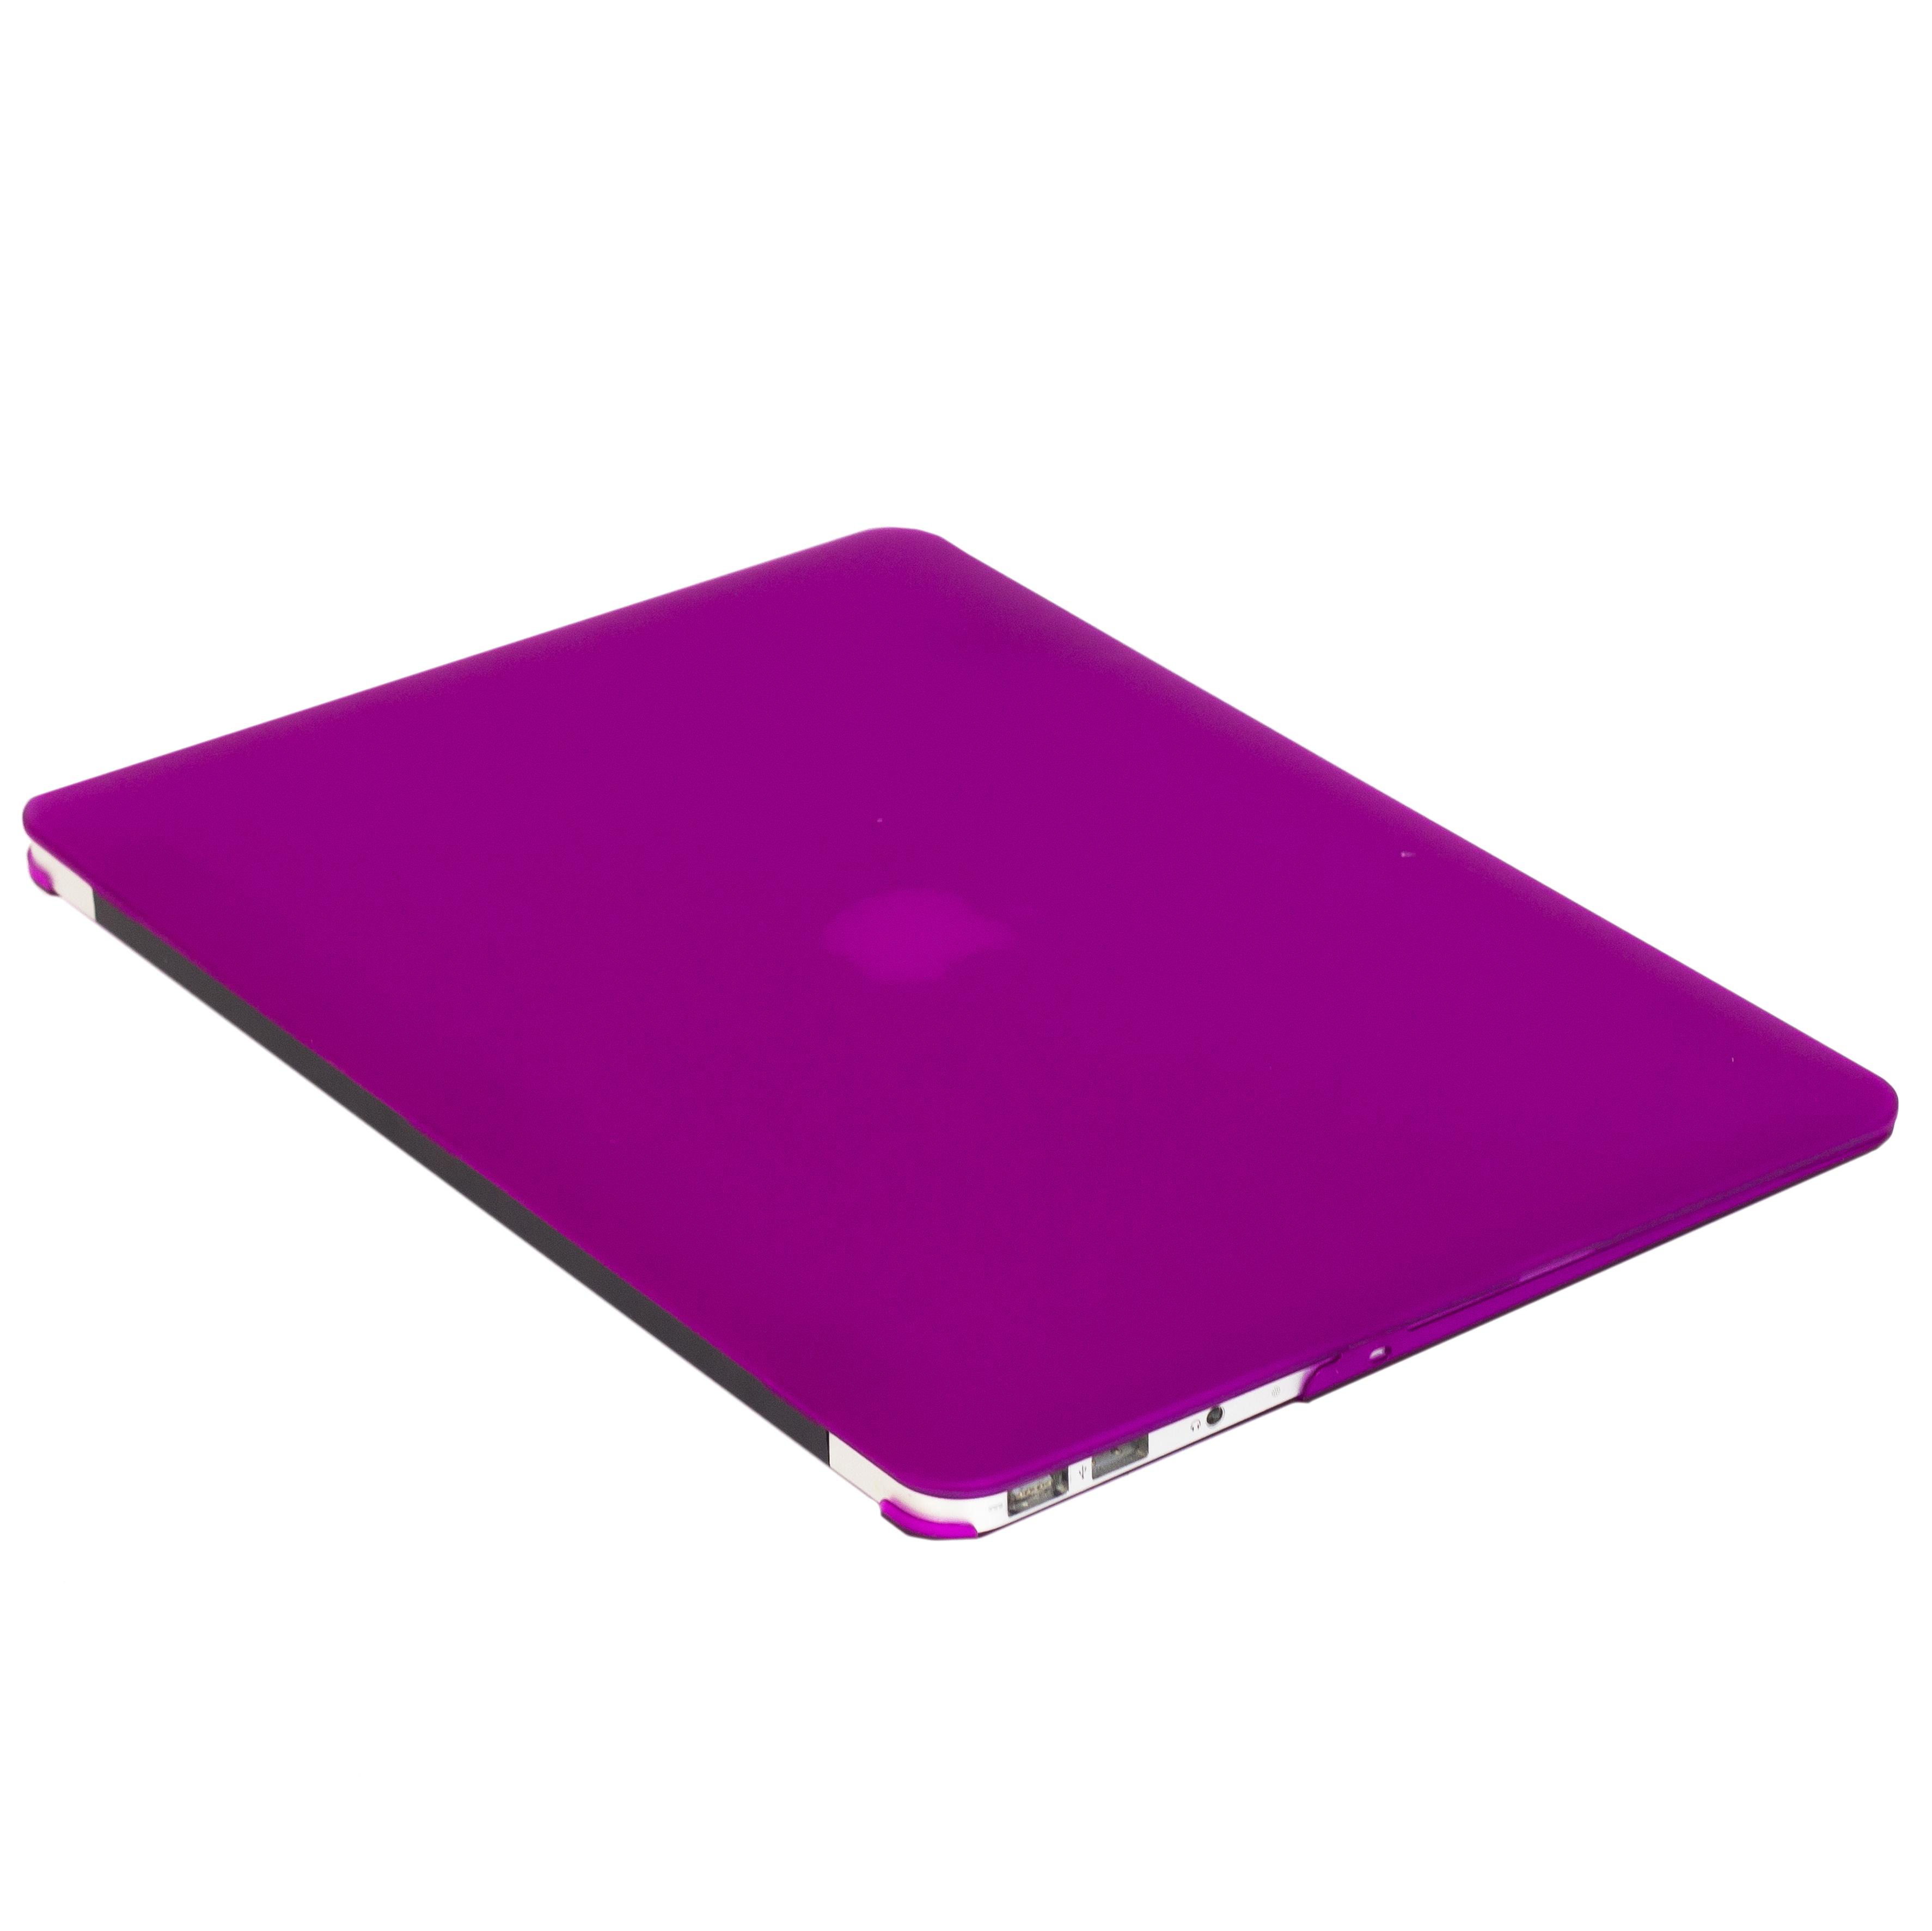 upcase matte macbook air 11 6. Black Bedroom Furniture Sets. Home Design Ideas